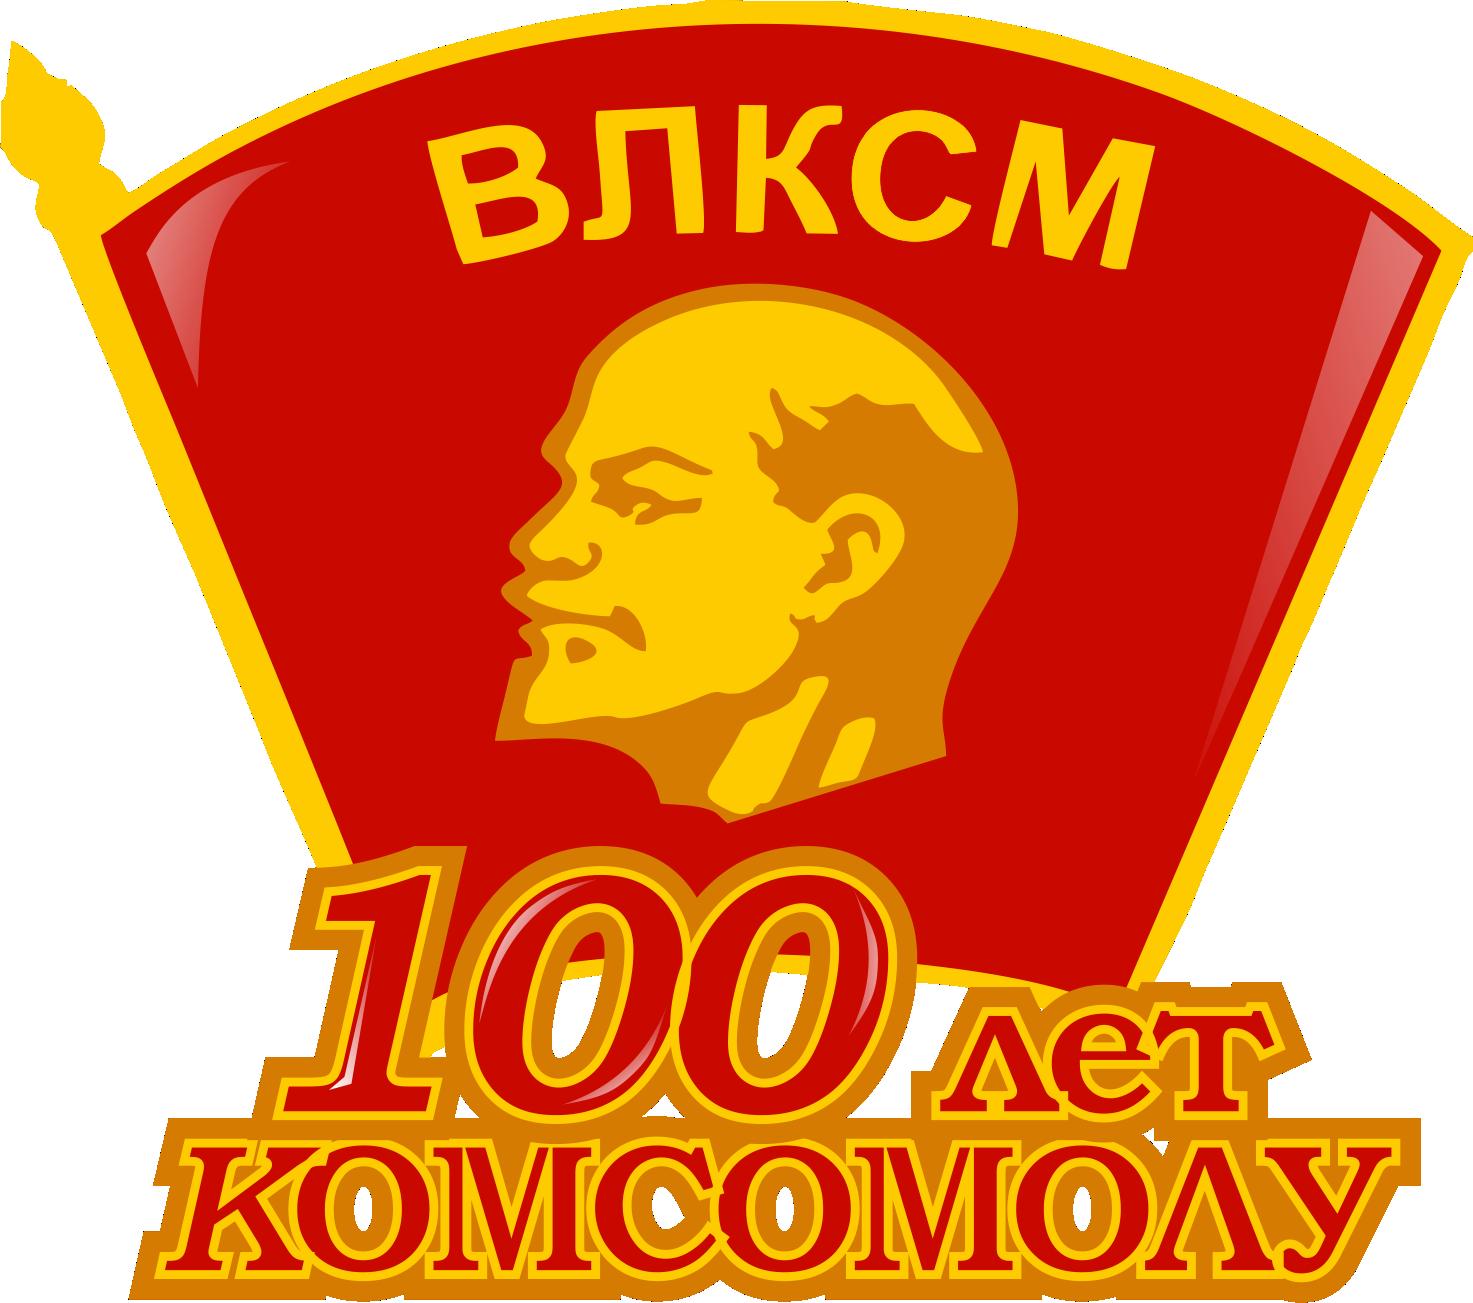 В Калуге отпразднуют 100-летие комсомола